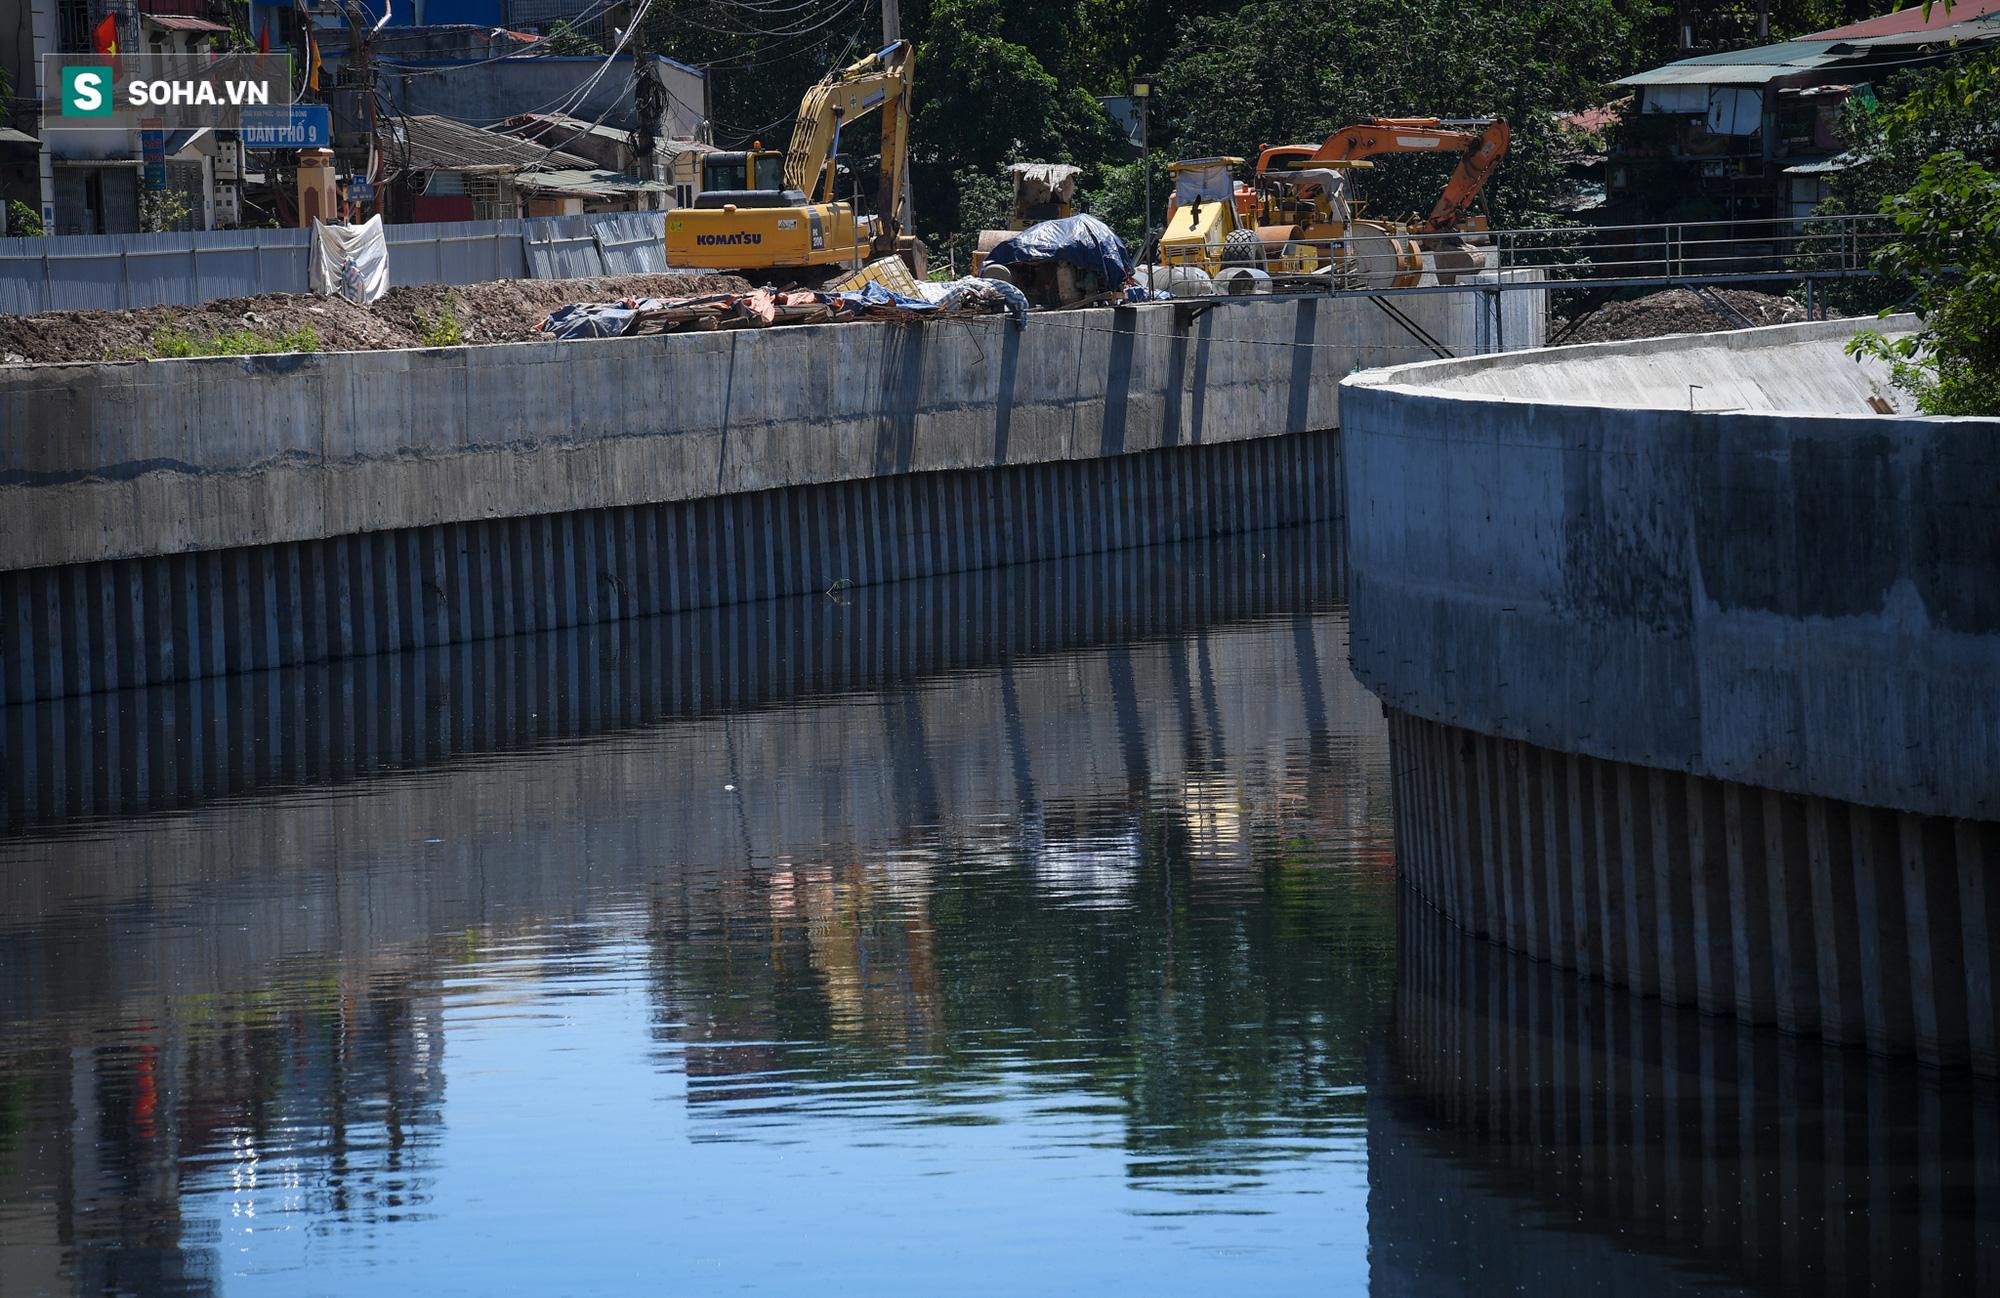 Đại dự án 7.000 tỷ đồng chống ngập cho 6 quận huyện phía Tây TP Hà Nội chậm tiến độ, ngập ngụa trong rác - Ảnh 6.